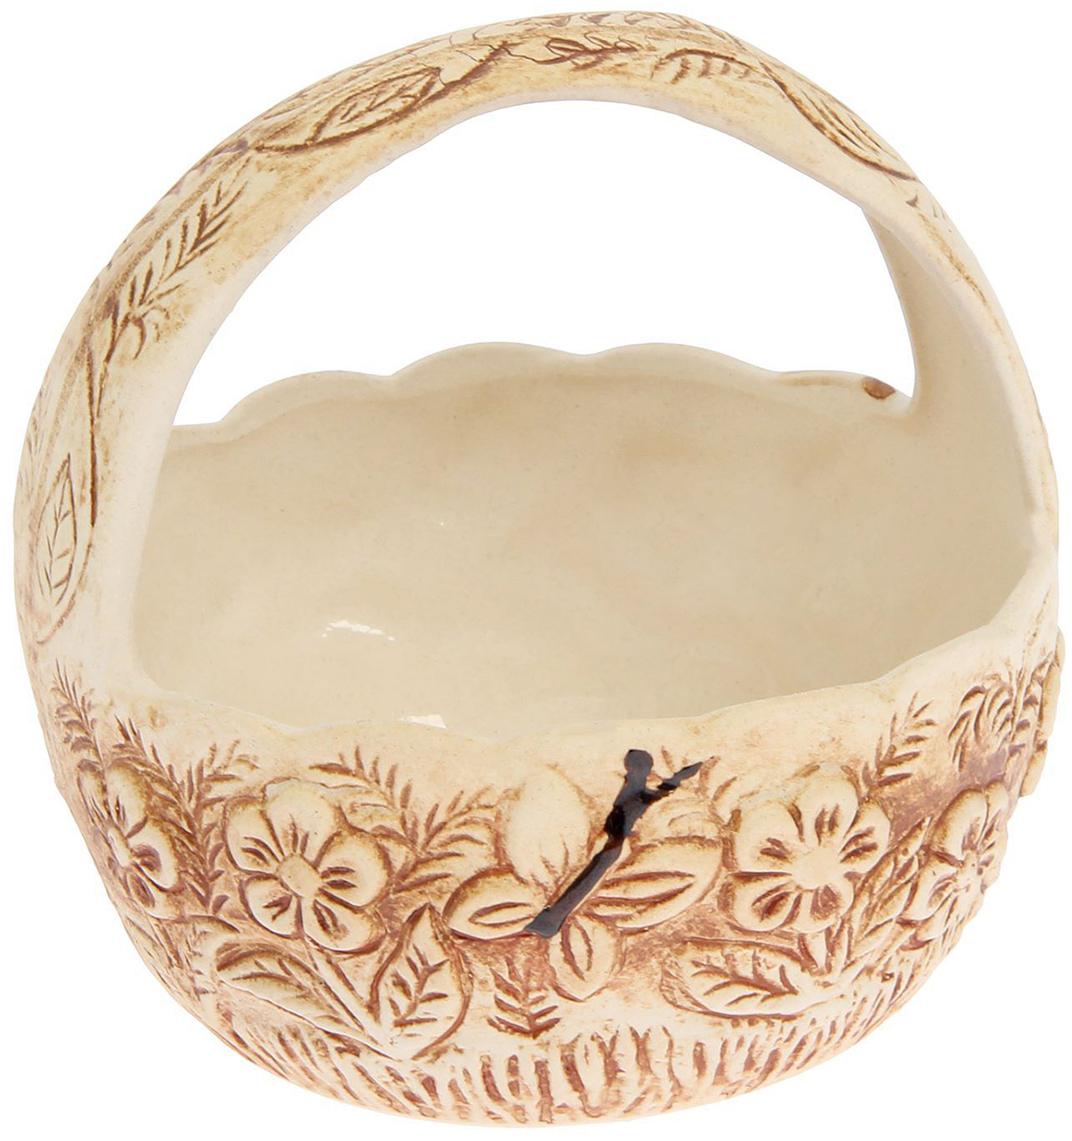 Конфетница Керамика ручной работы Лукошко, цвет: коричневый2325619Ваза для конфет украсит любую квартиру, дачу или офис. Преподнести её в качестве подарка друзьям или близким – отличная идея. Необычный дизайн и расцветка может вписаться в любой интерьер и стать его уникальным акцентом. Вещь предназначена для подачи конфет, сухофруктов или восточных сладостей.